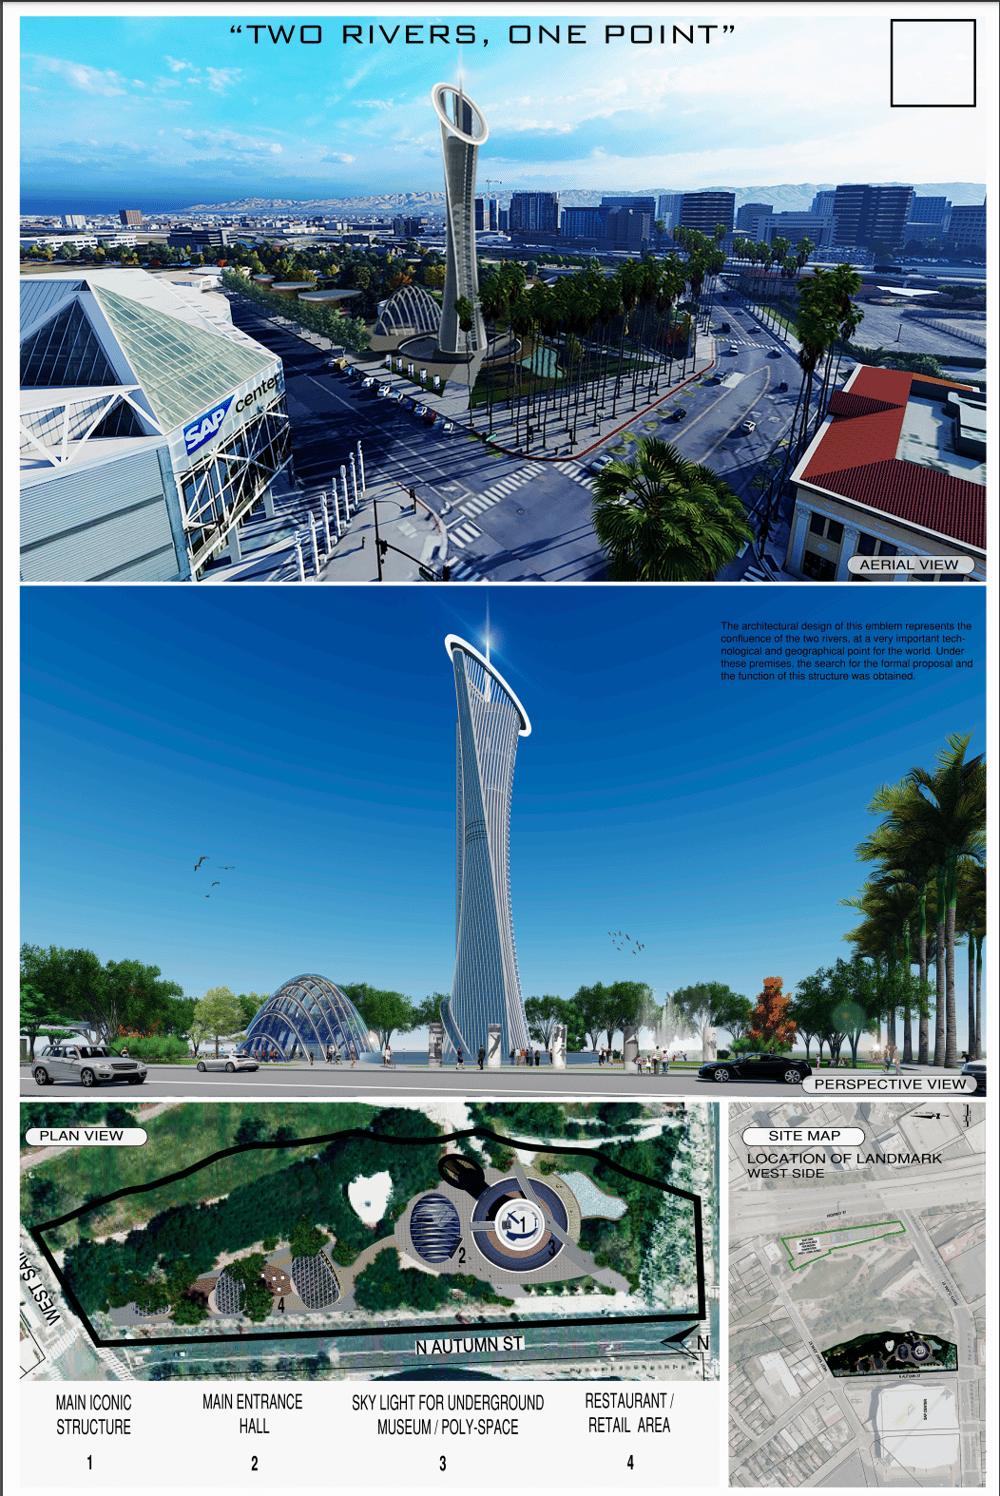 0468 - DesignPresentationBoard Page 2